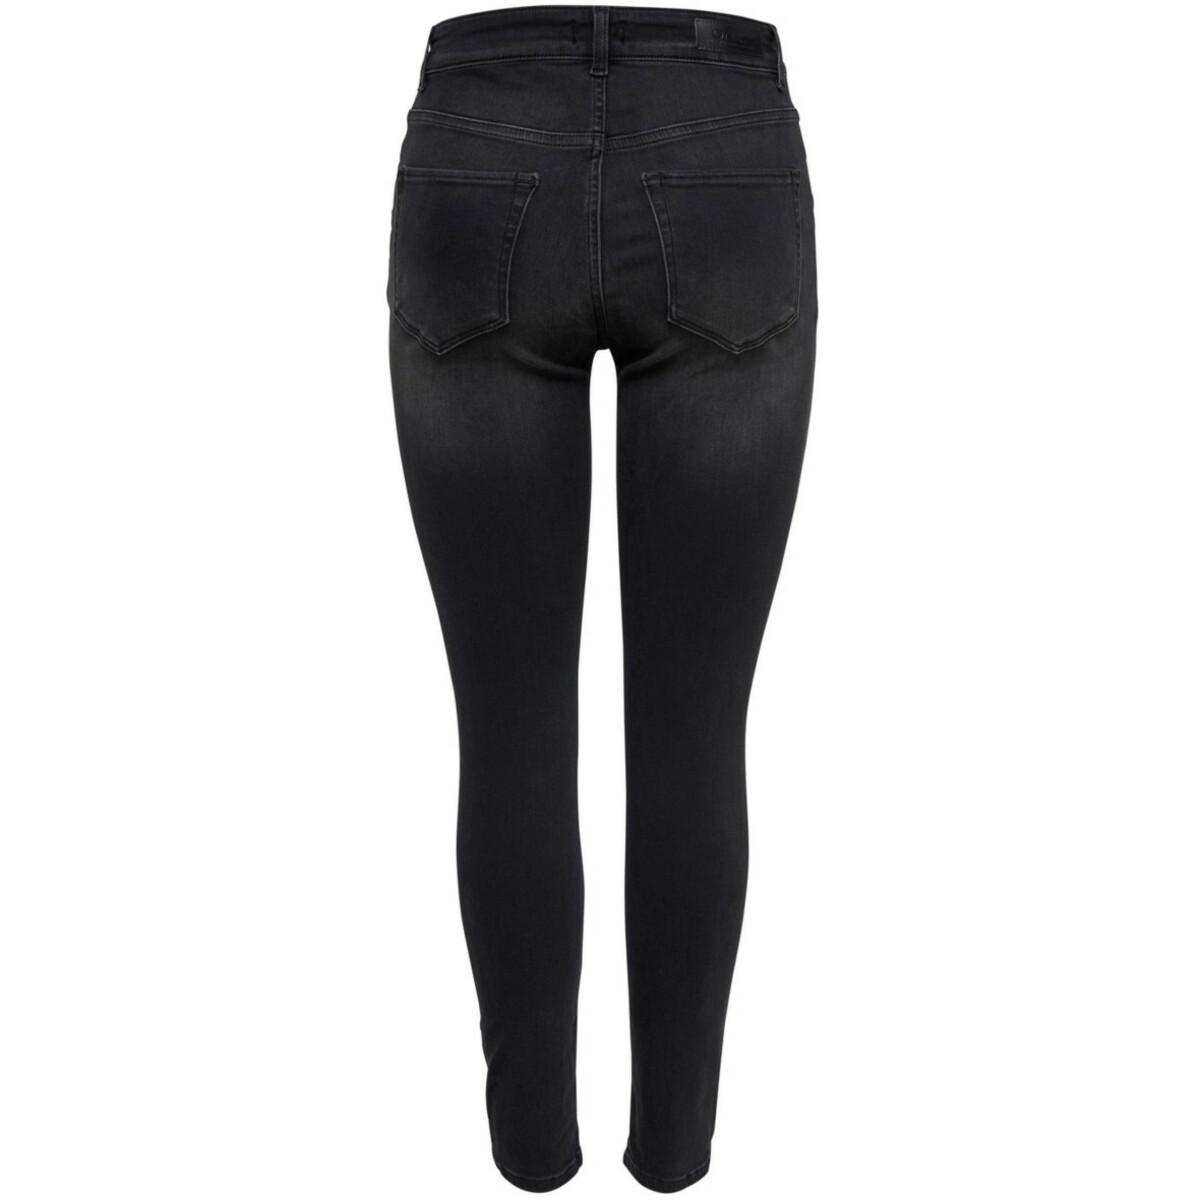 Bild 2 von Damen Only Hose in Skinny Form